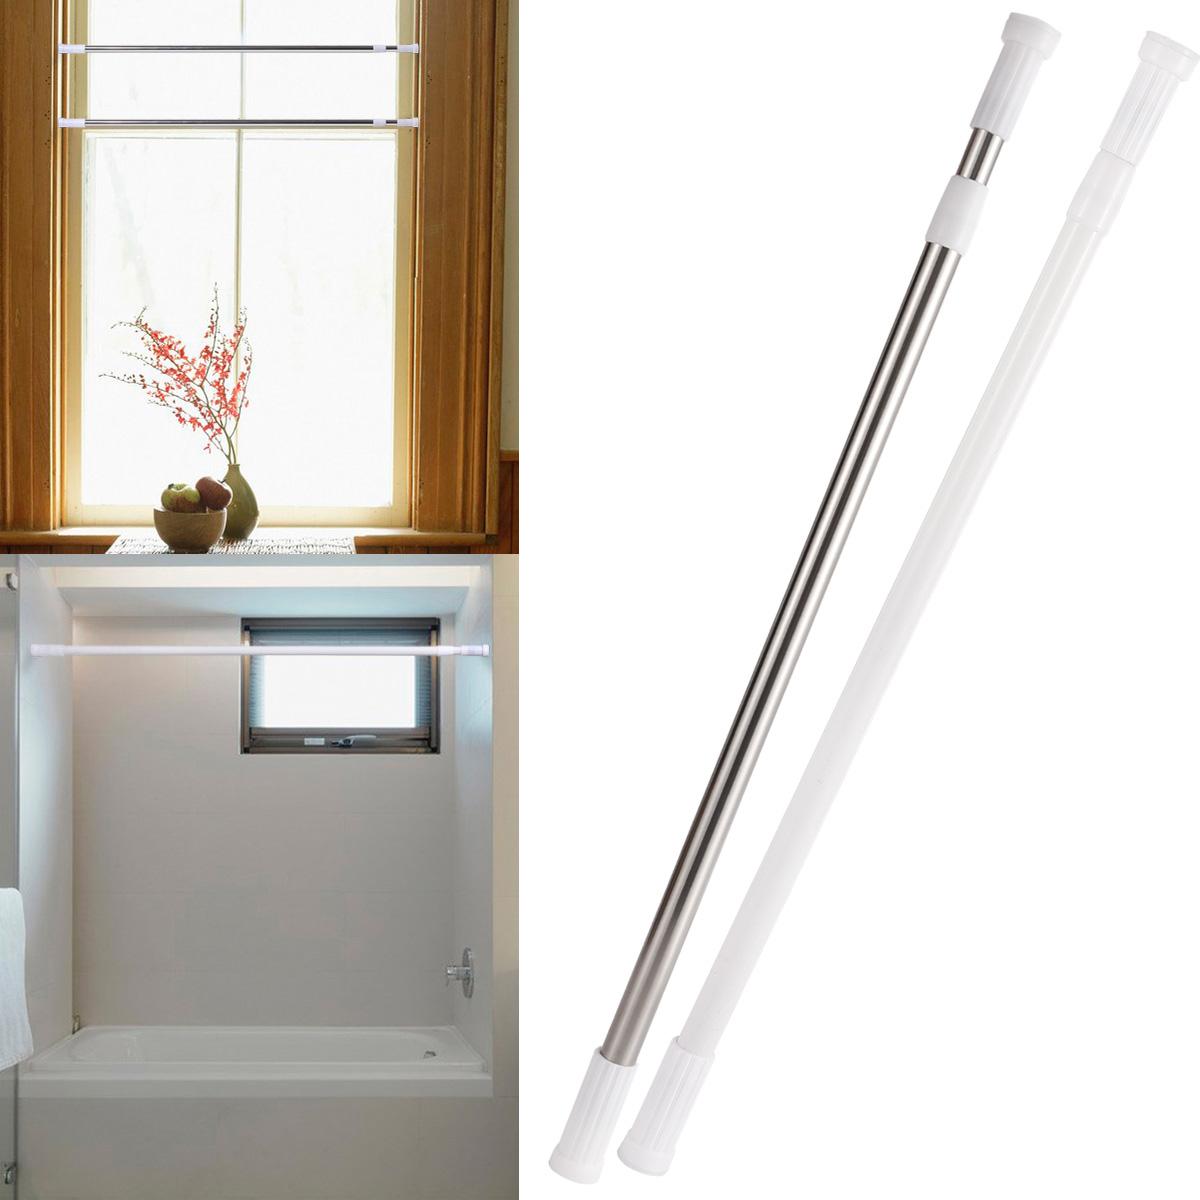 Tringle rideaux extensible t lecospique 70 120cm pour - Rideaux salle de bain ...